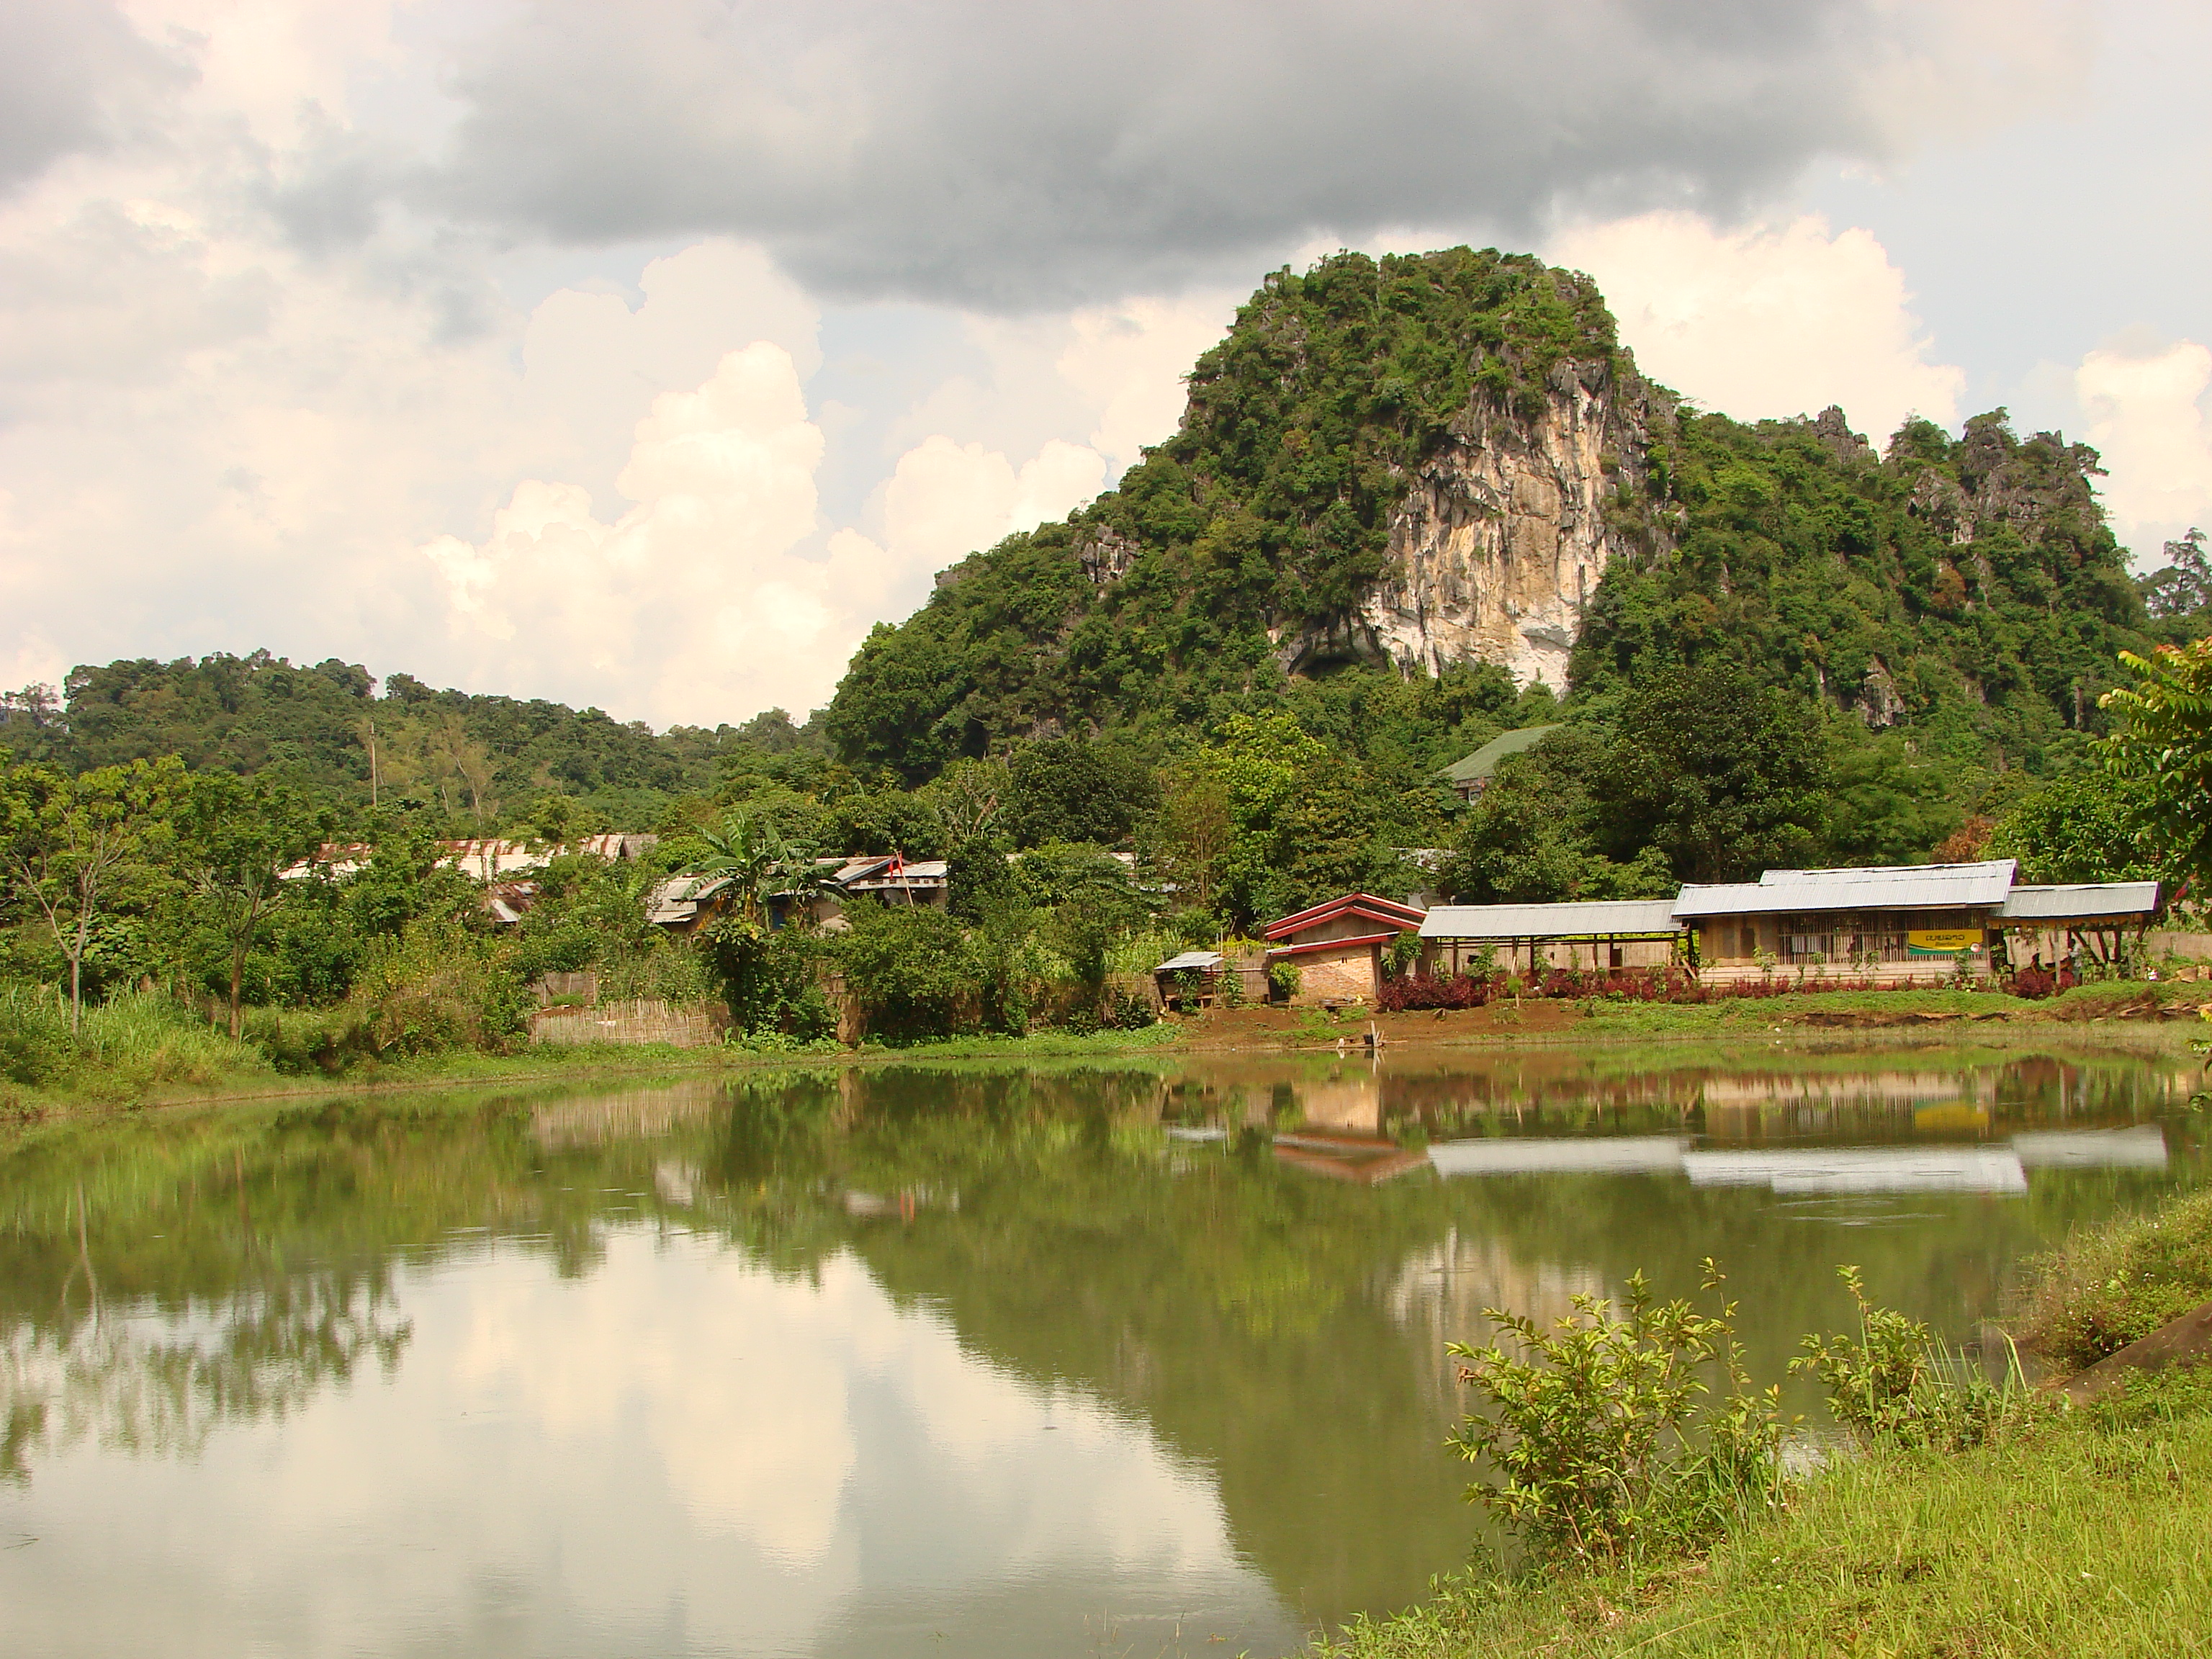 Vieng Xai Laos  city photos gallery : Description Vieng Xai Laos02